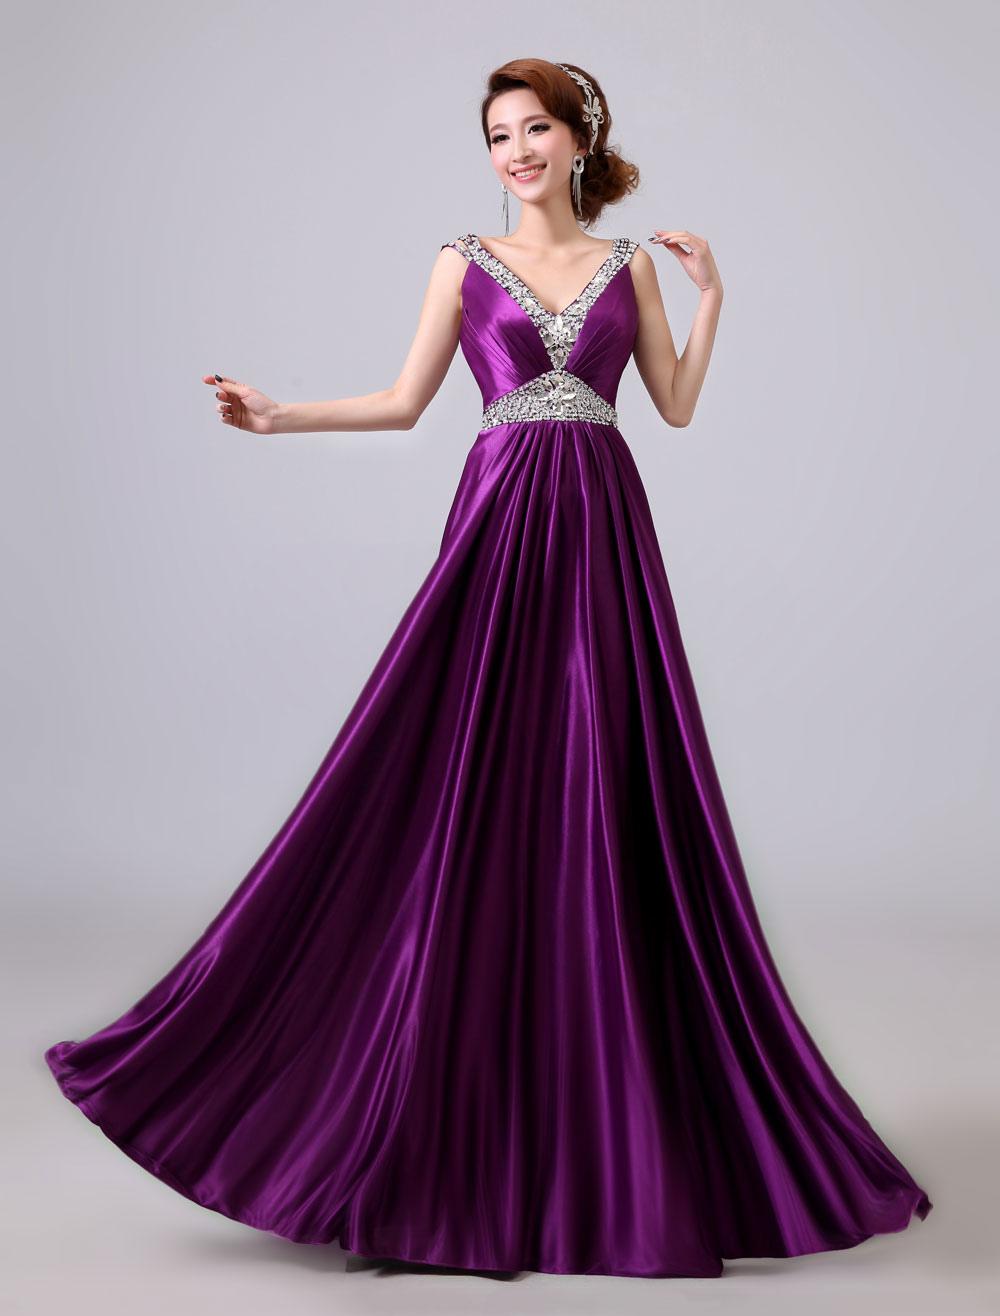 Buy Lavender Prom Dresses Long Beaded V Neck Backless Sash Floor Length Formal Evening Dress for $74.79 in Milanoo store